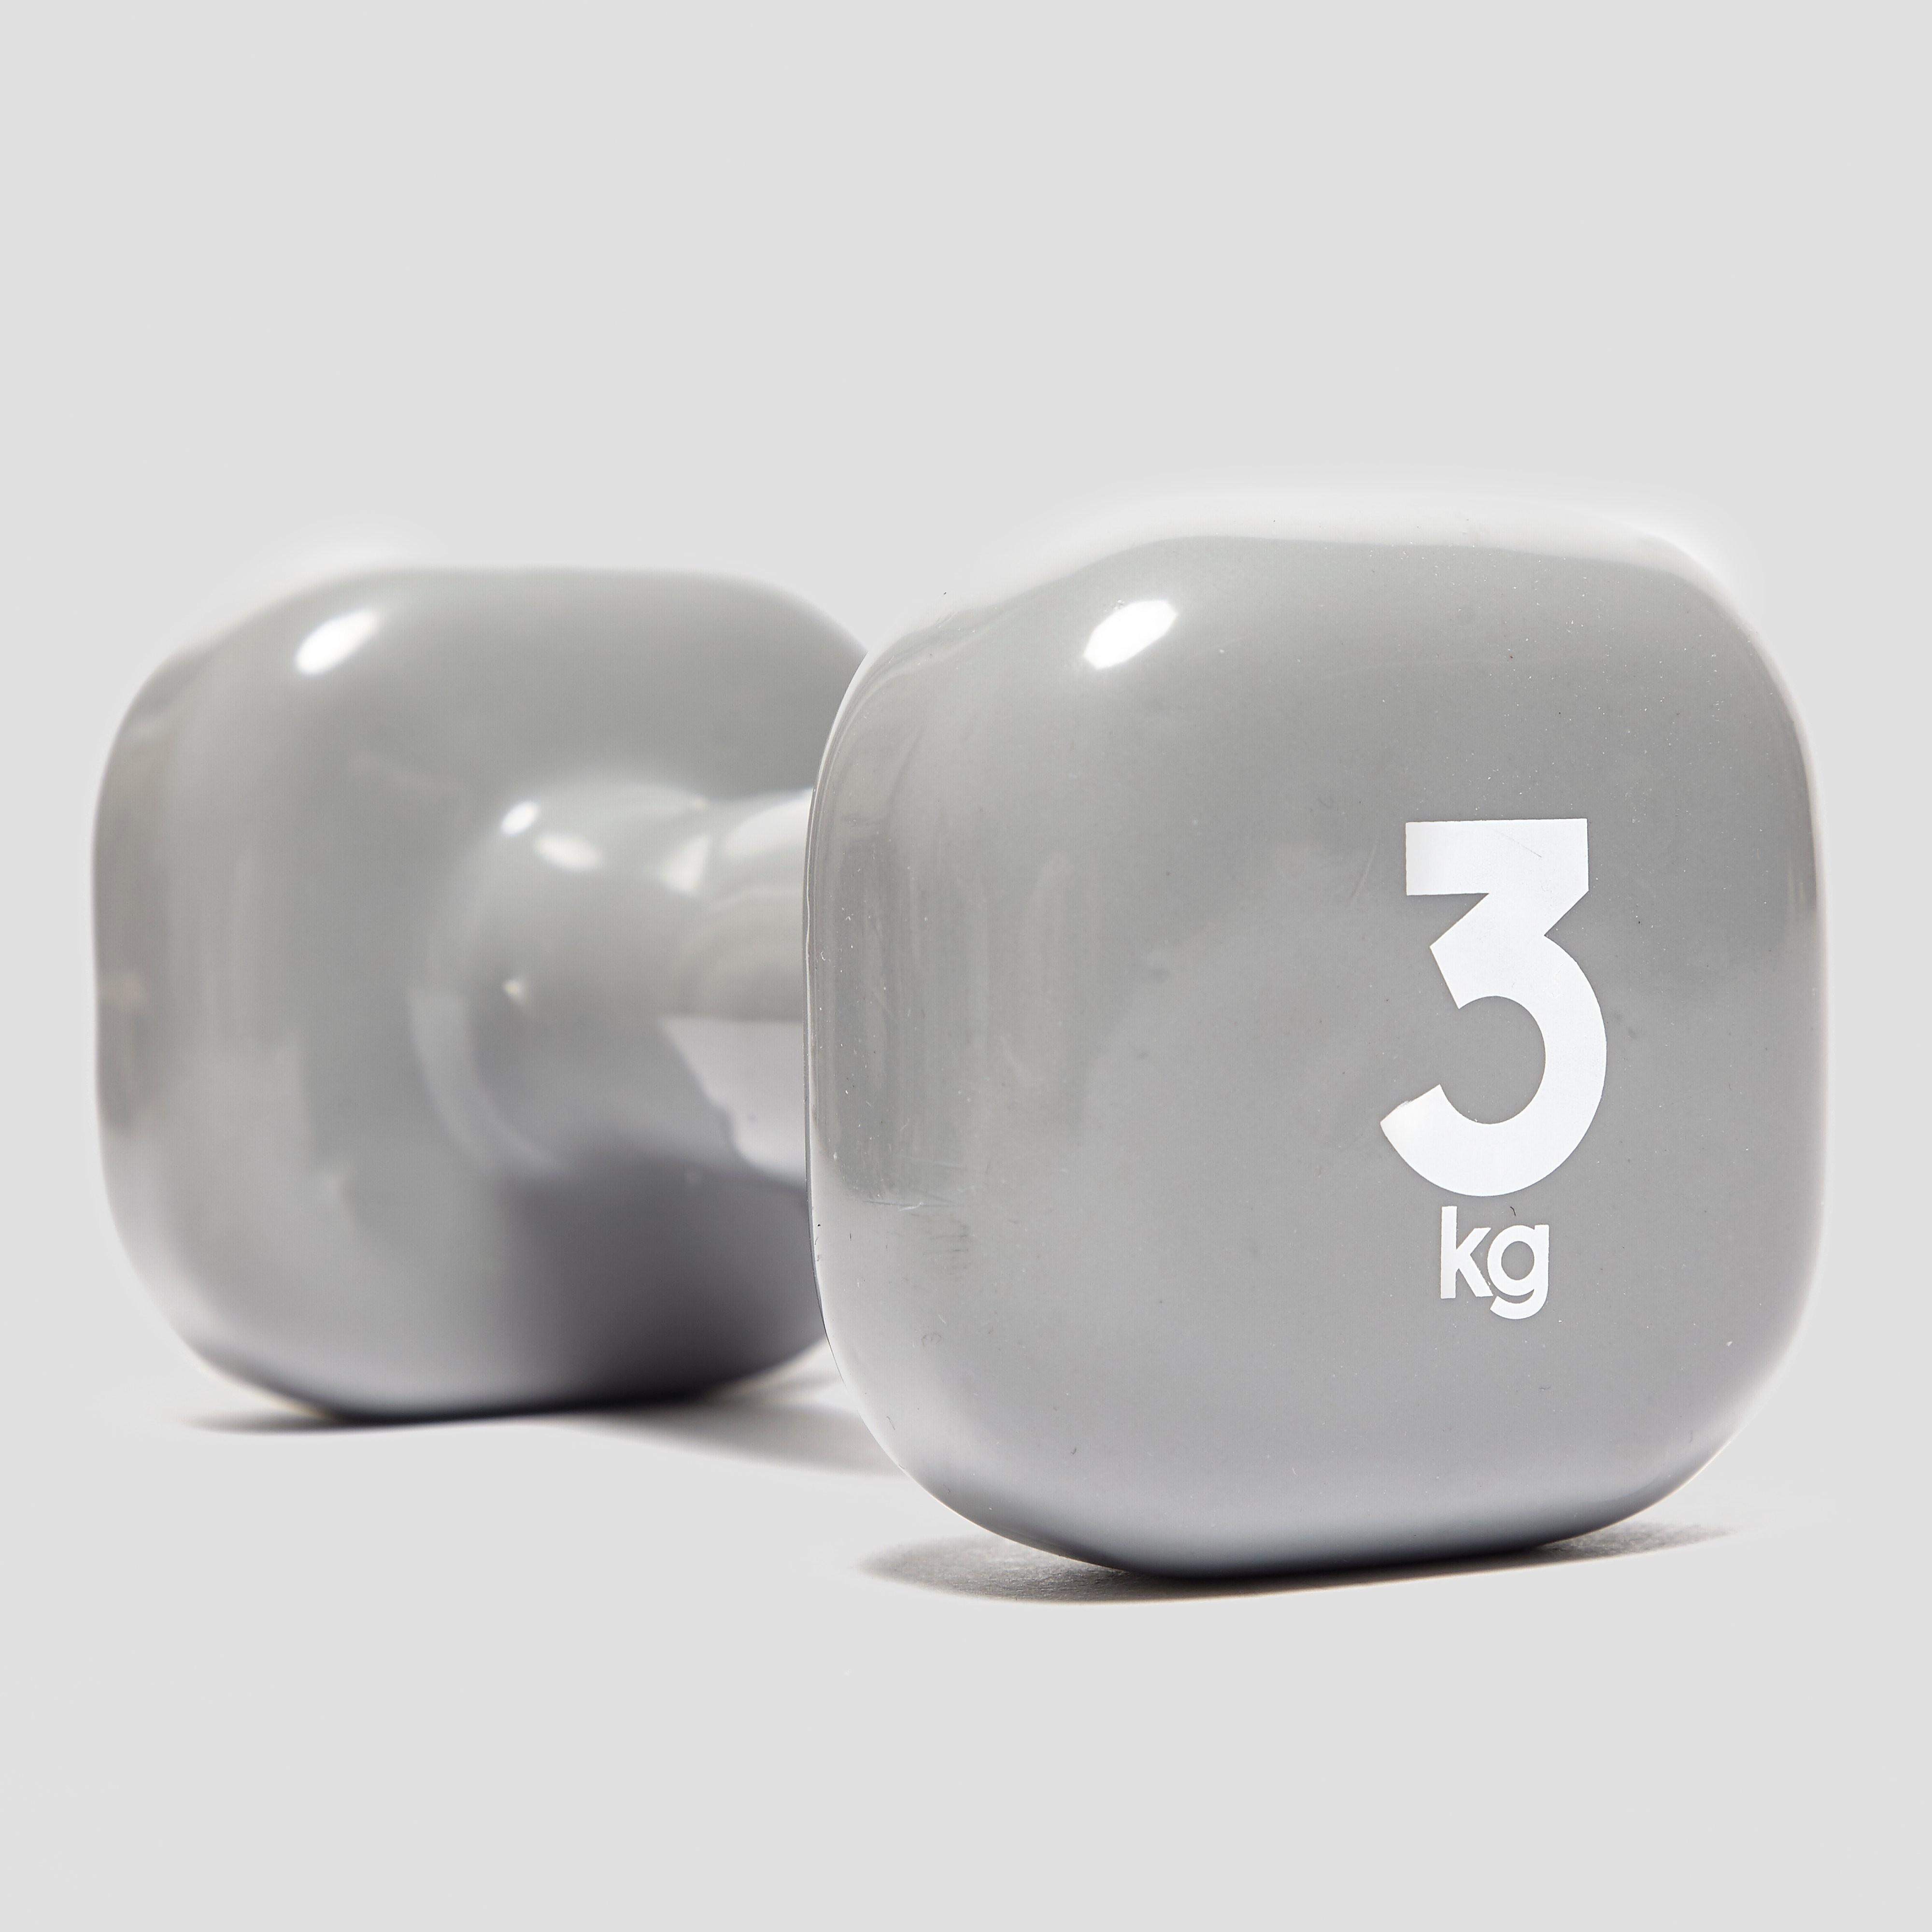 Reebok 3kg Women's Dumbbell